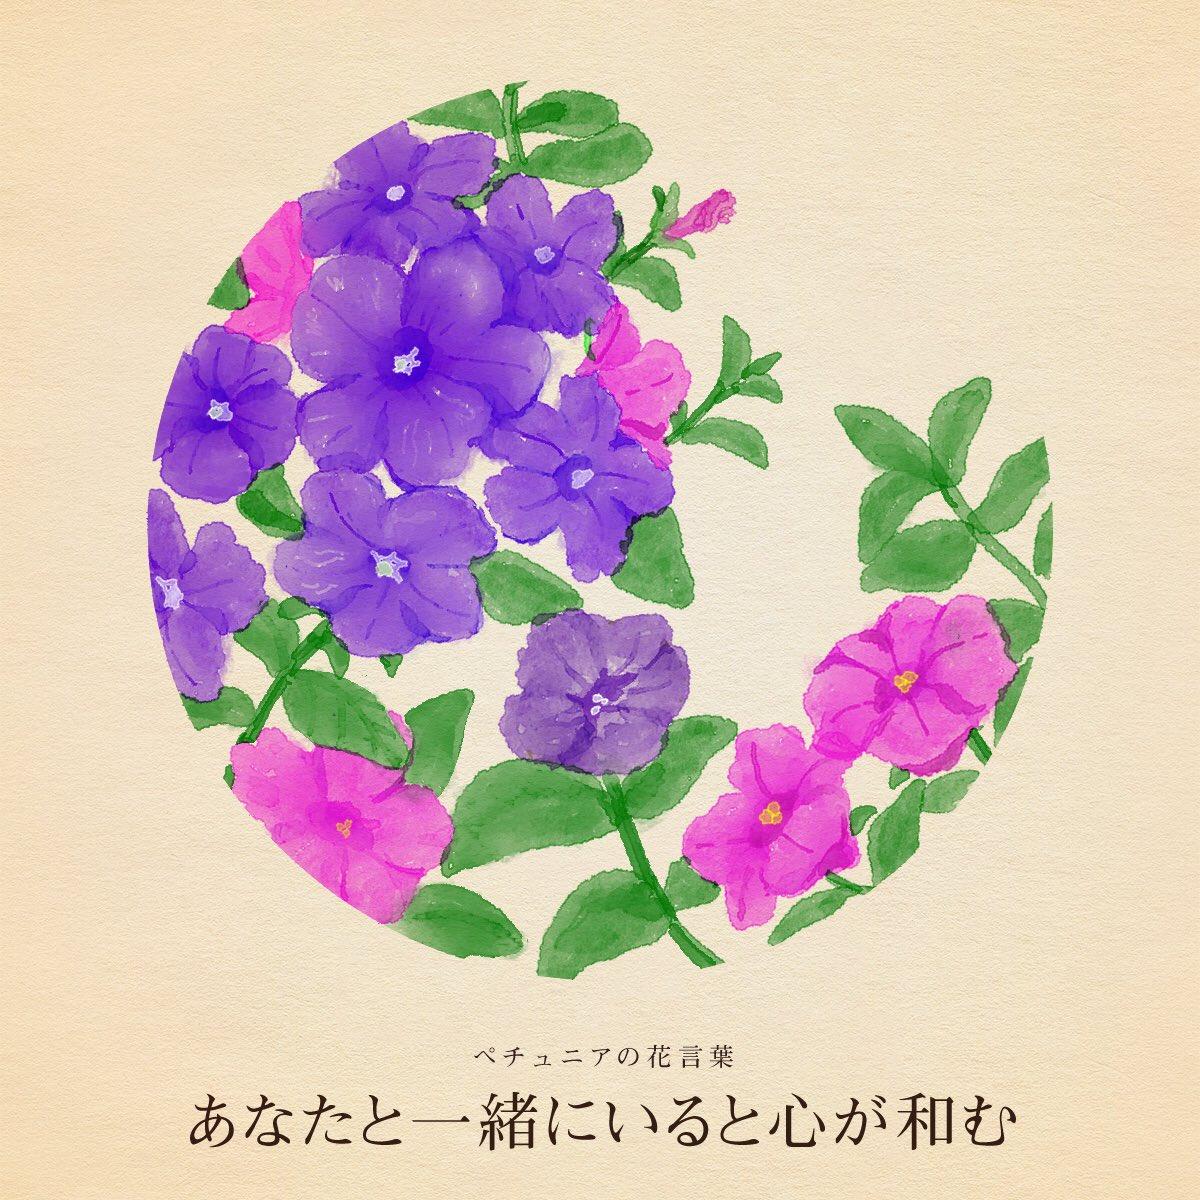 きょう9月25日は 藤ノ木古墳記念日 主婦休みの日 浅田真央さんの誕生日  誕生花はペチュニア 花言葉 「あなたと一緒にいると心が和む」